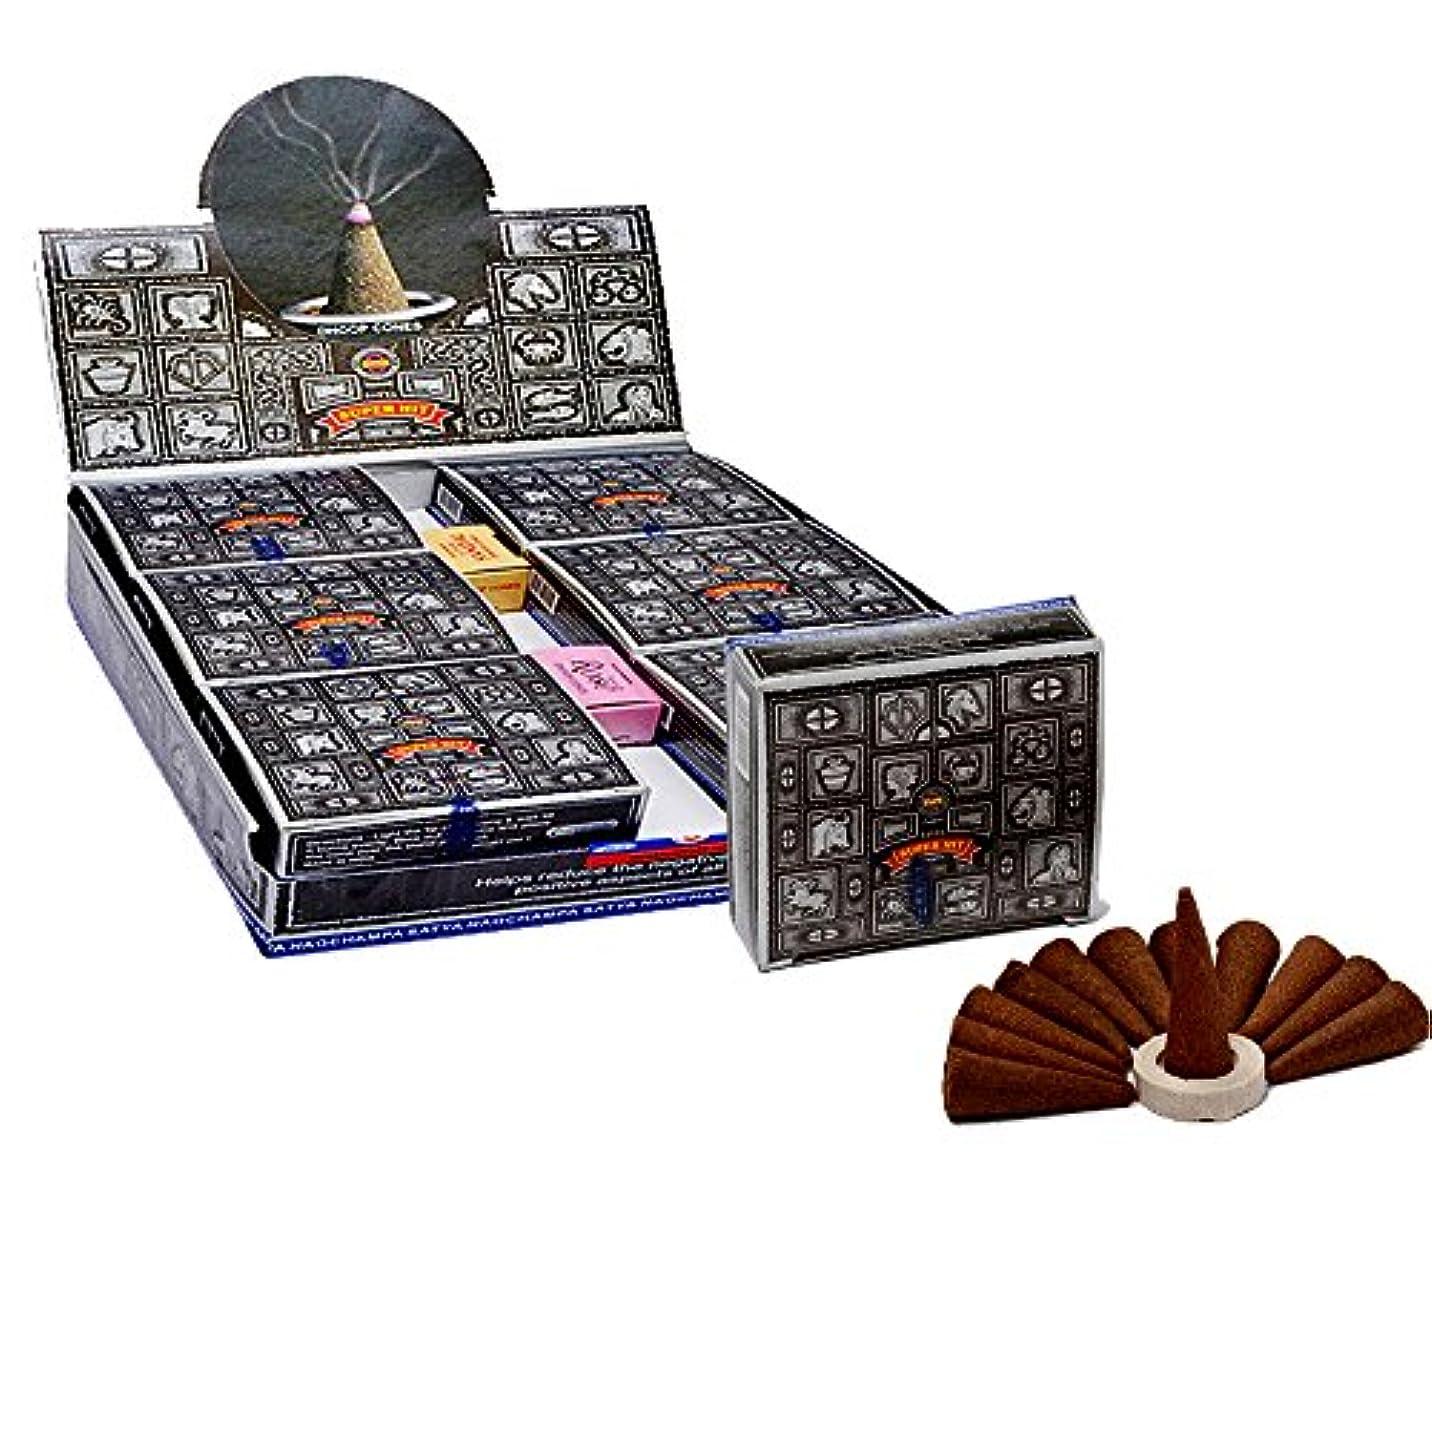 報復破壊的な置き場SatyaスーパーヒットTemple Incense Cones、12 Cones in aパック、12パックin aボックス